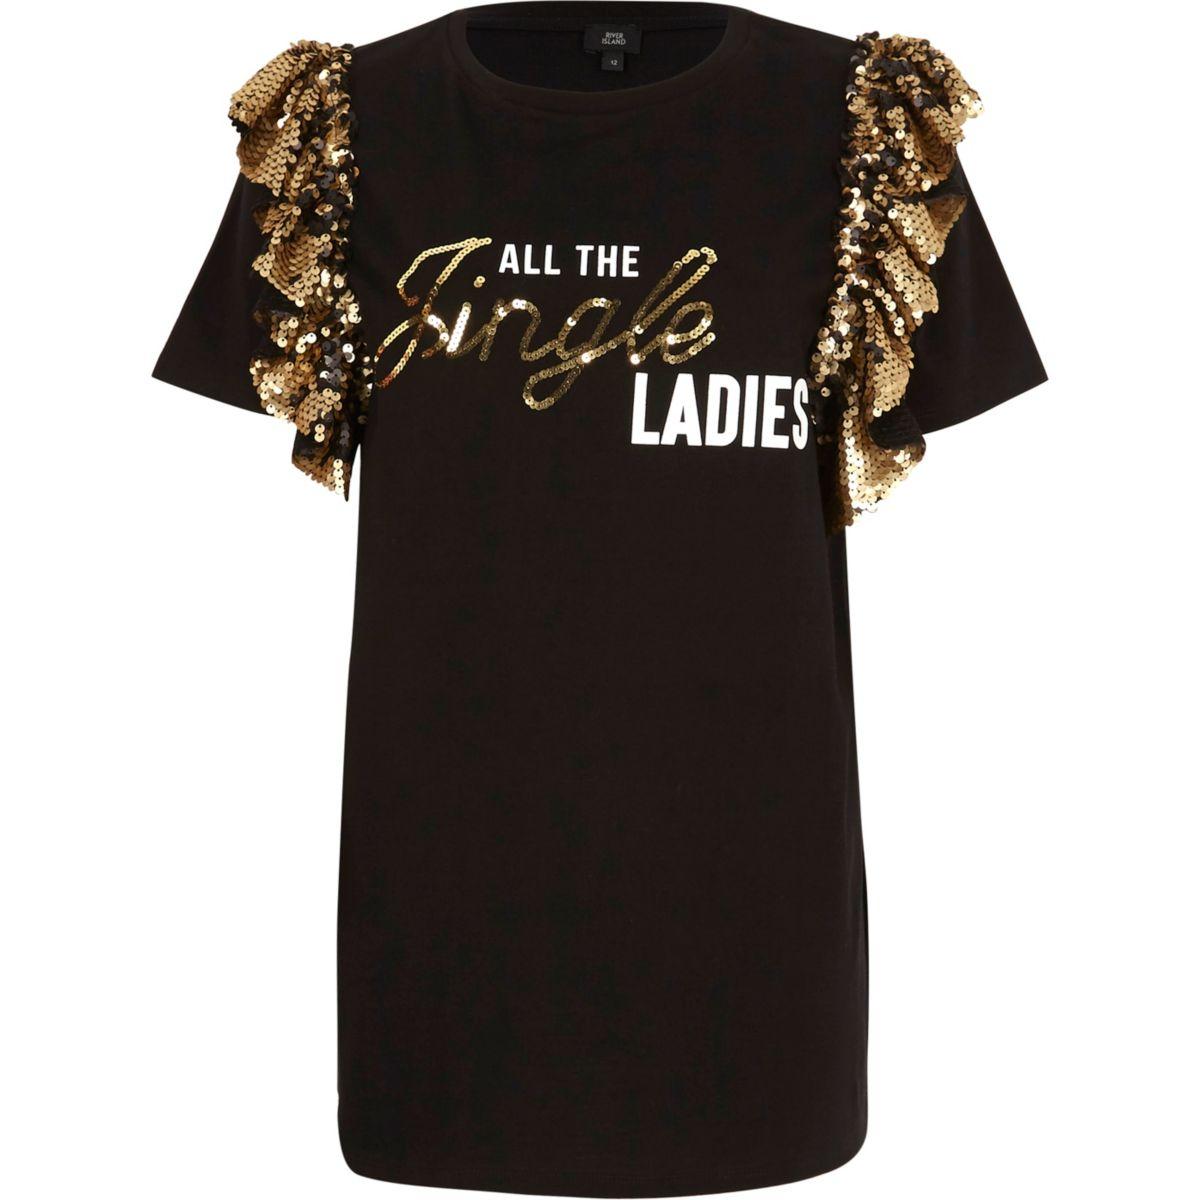 Black xmas t shirt - Black Jingle Ladies Frill Christmas T Shirt